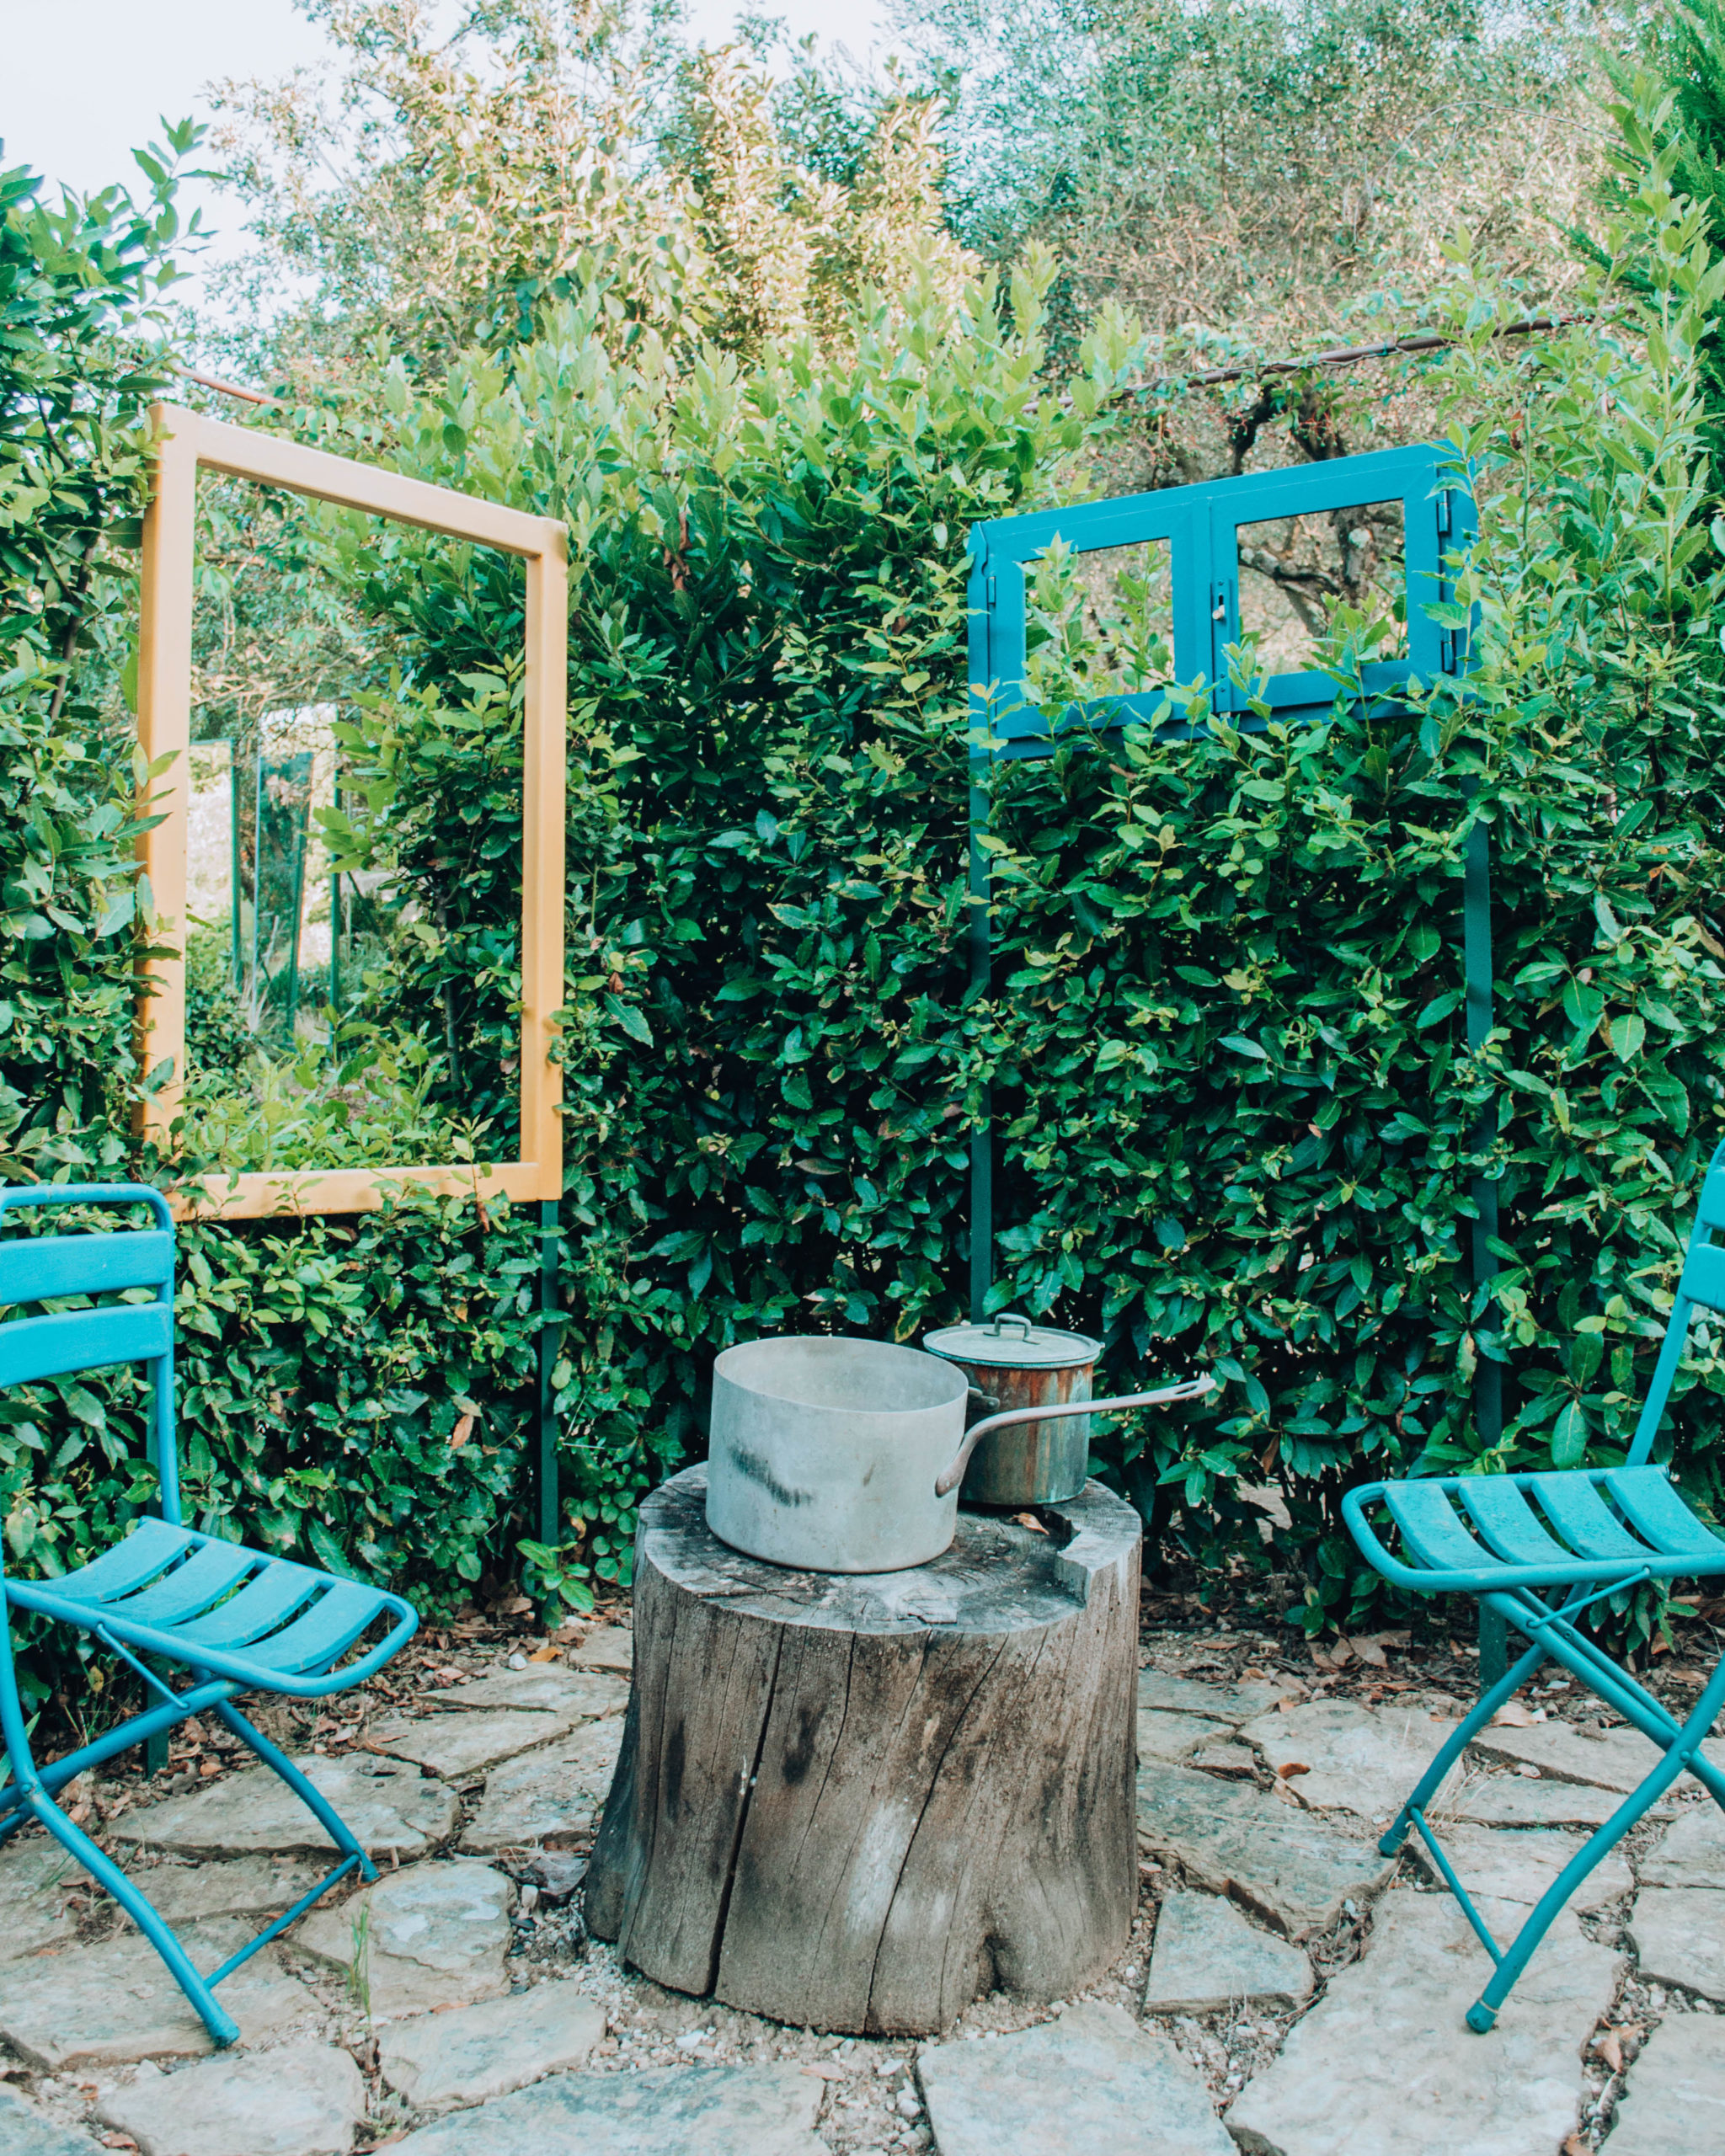 sedie e finestre in ferro colorato tra la siepe